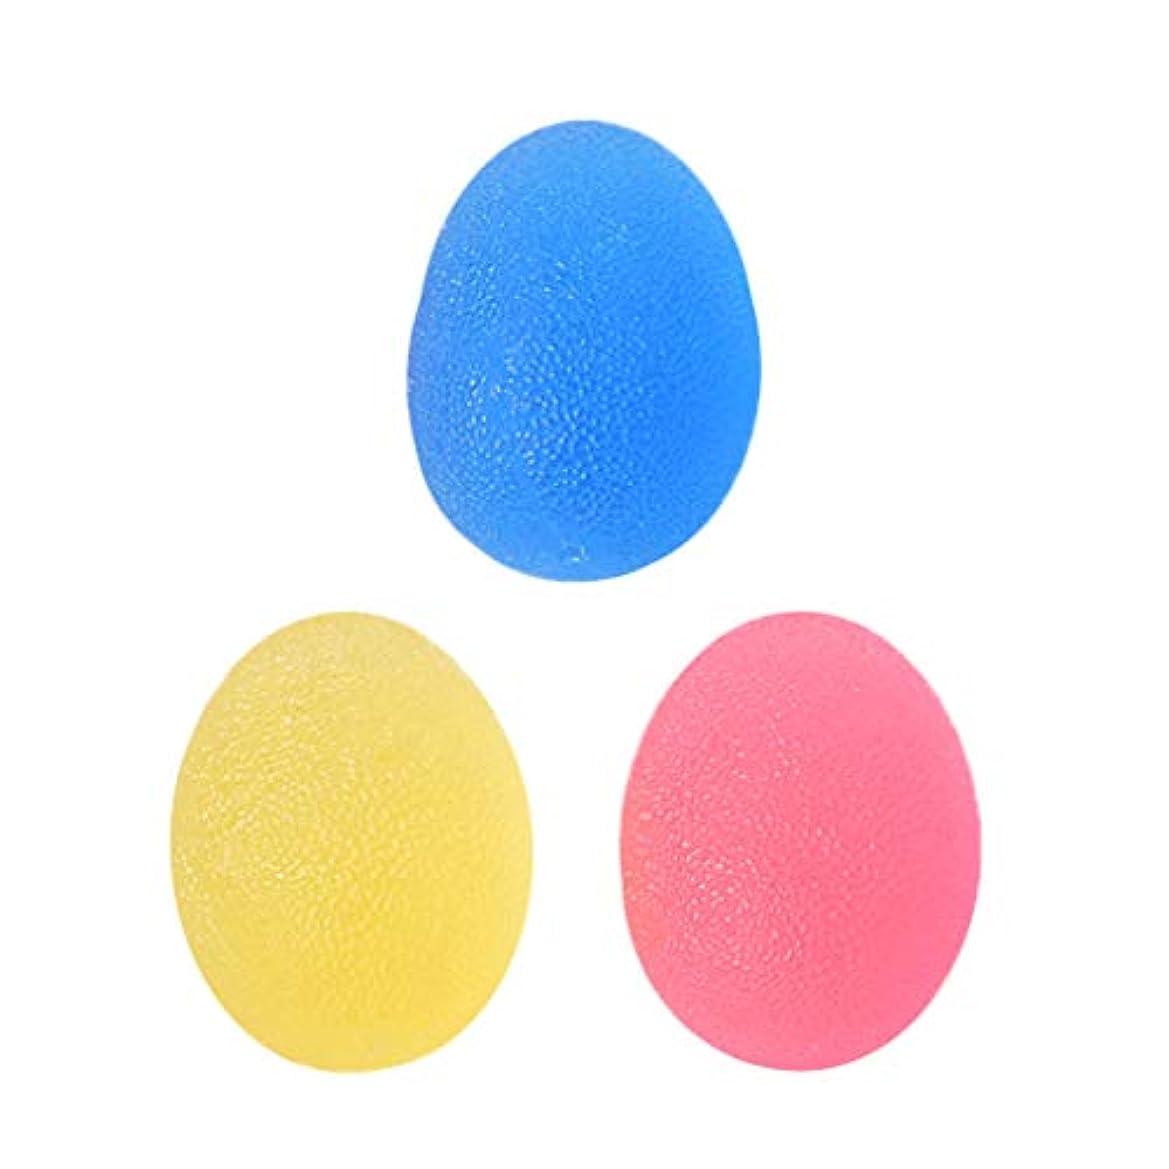 リブコットン代表3個 ハンド スクイズボール エクササイザボール 指 手のひら 運動 グリップ